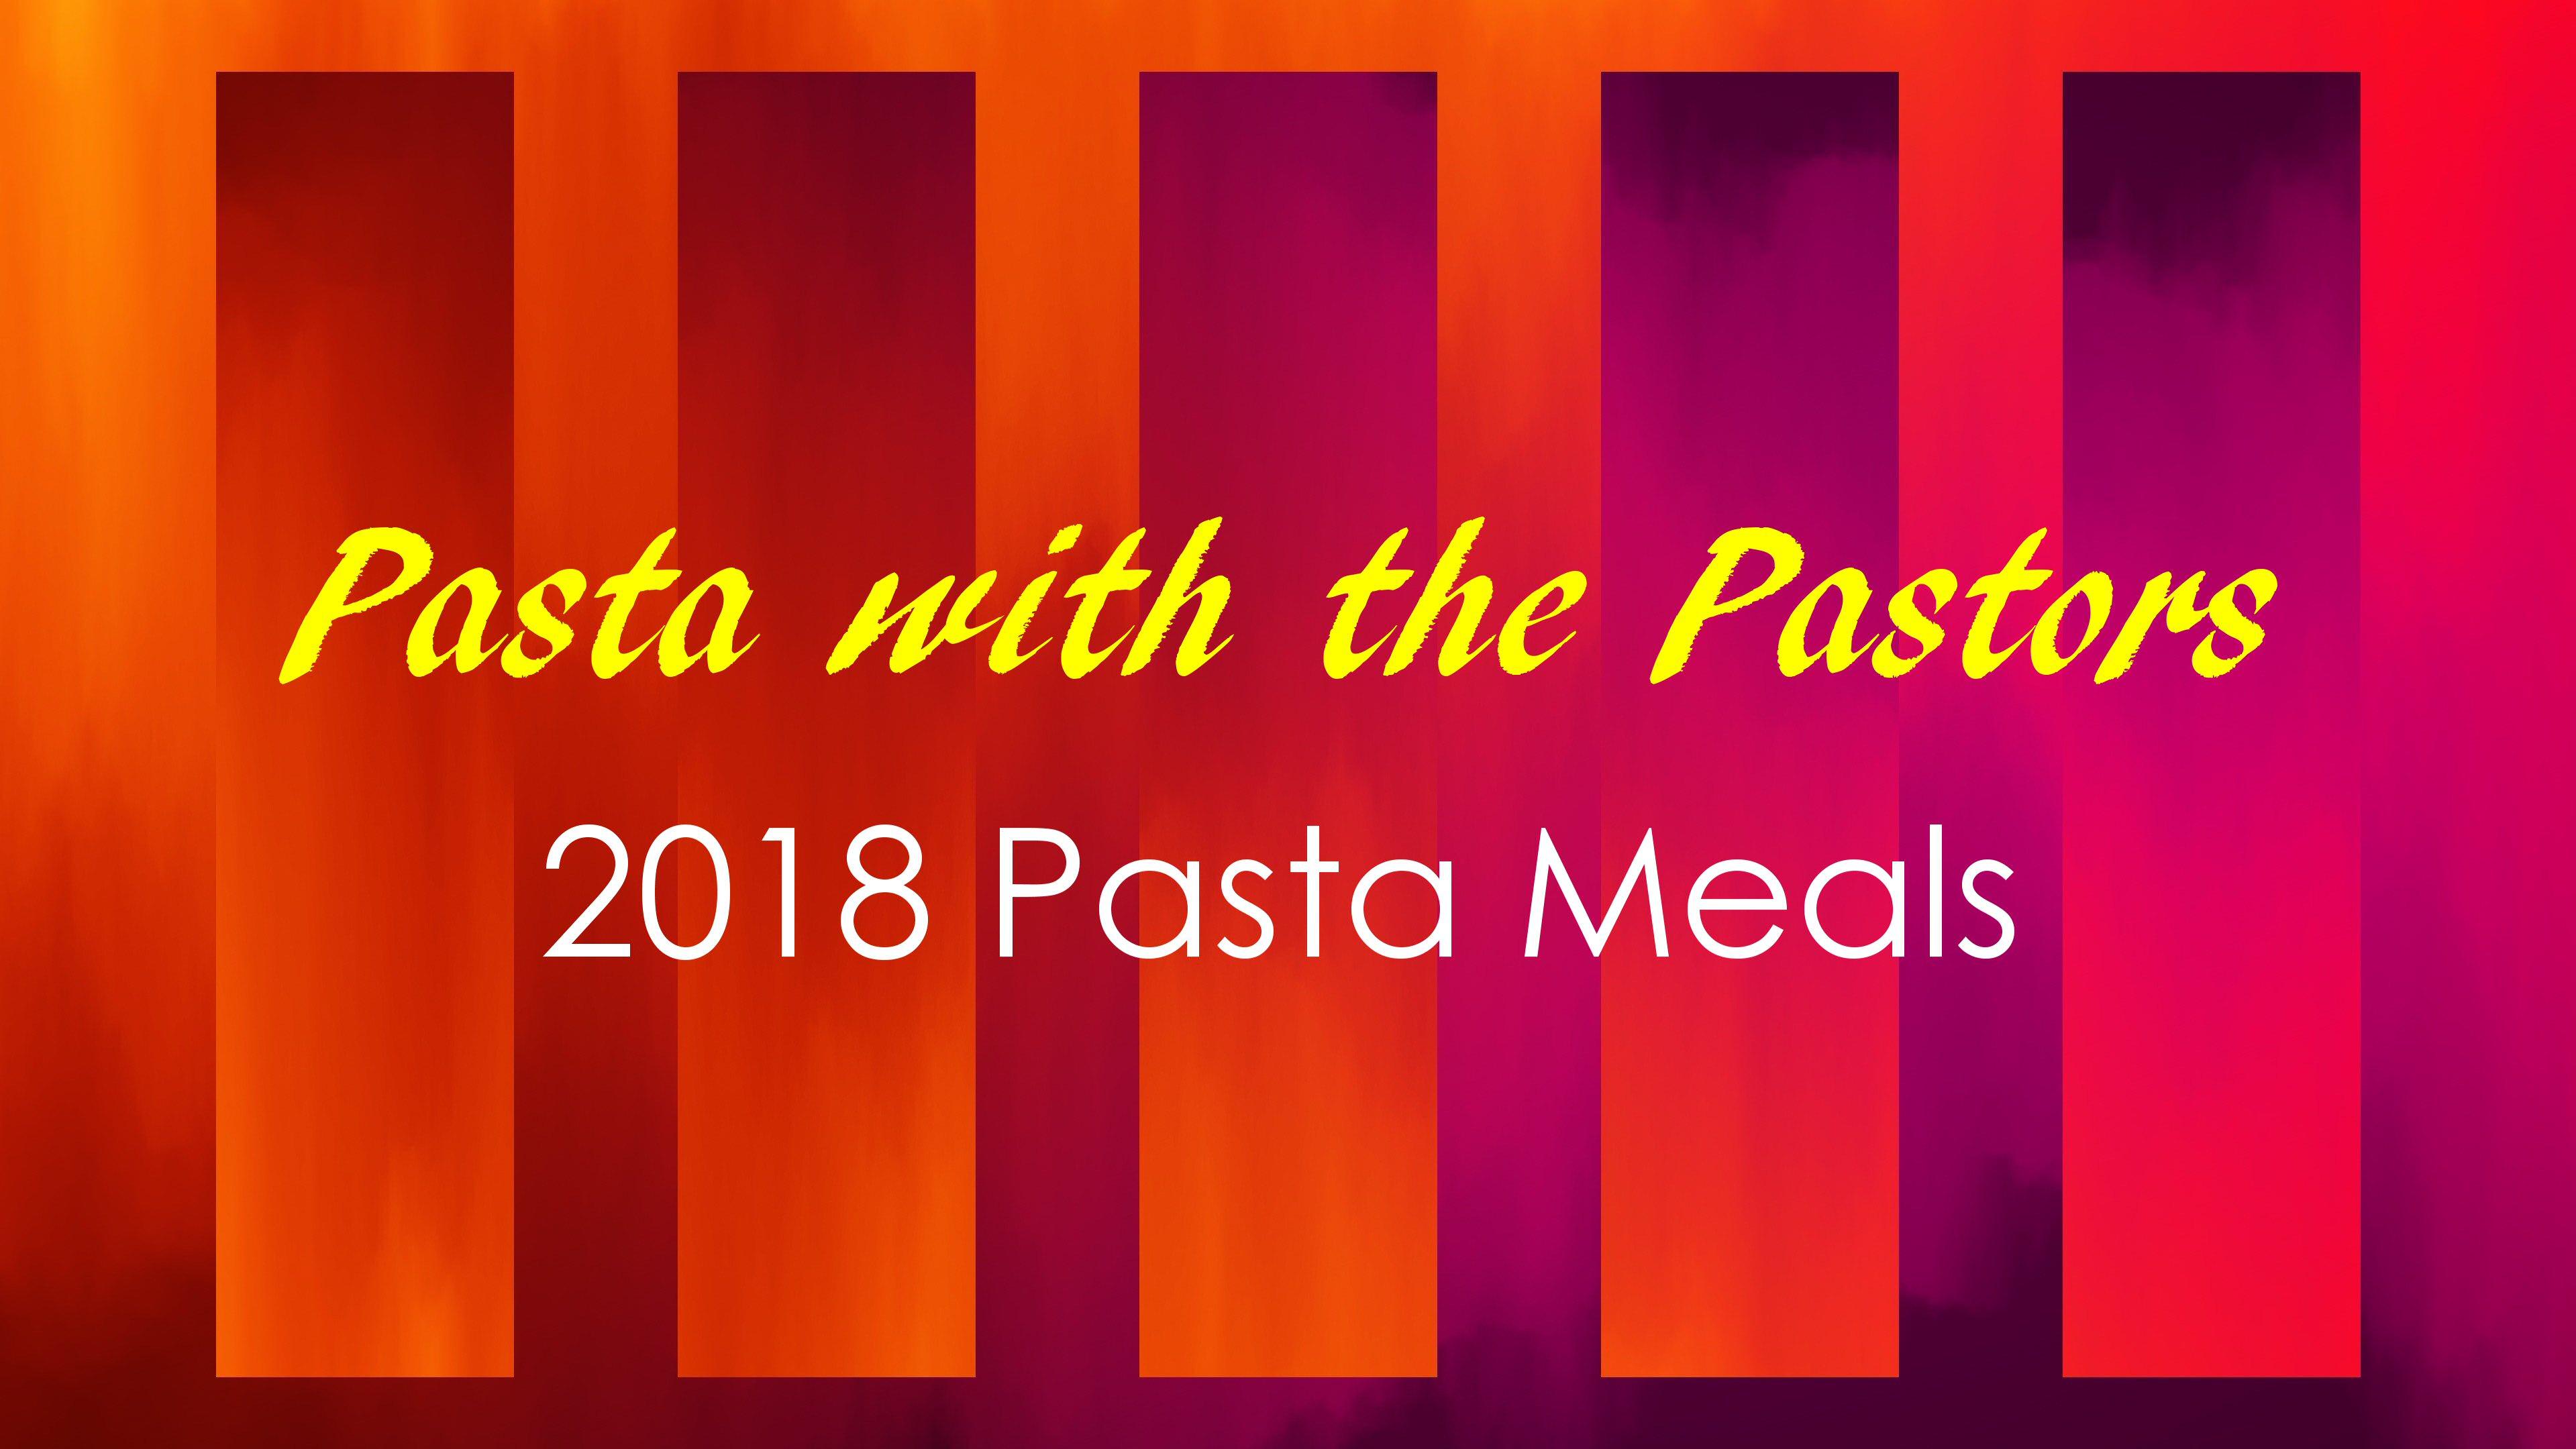 2018 pasta meals